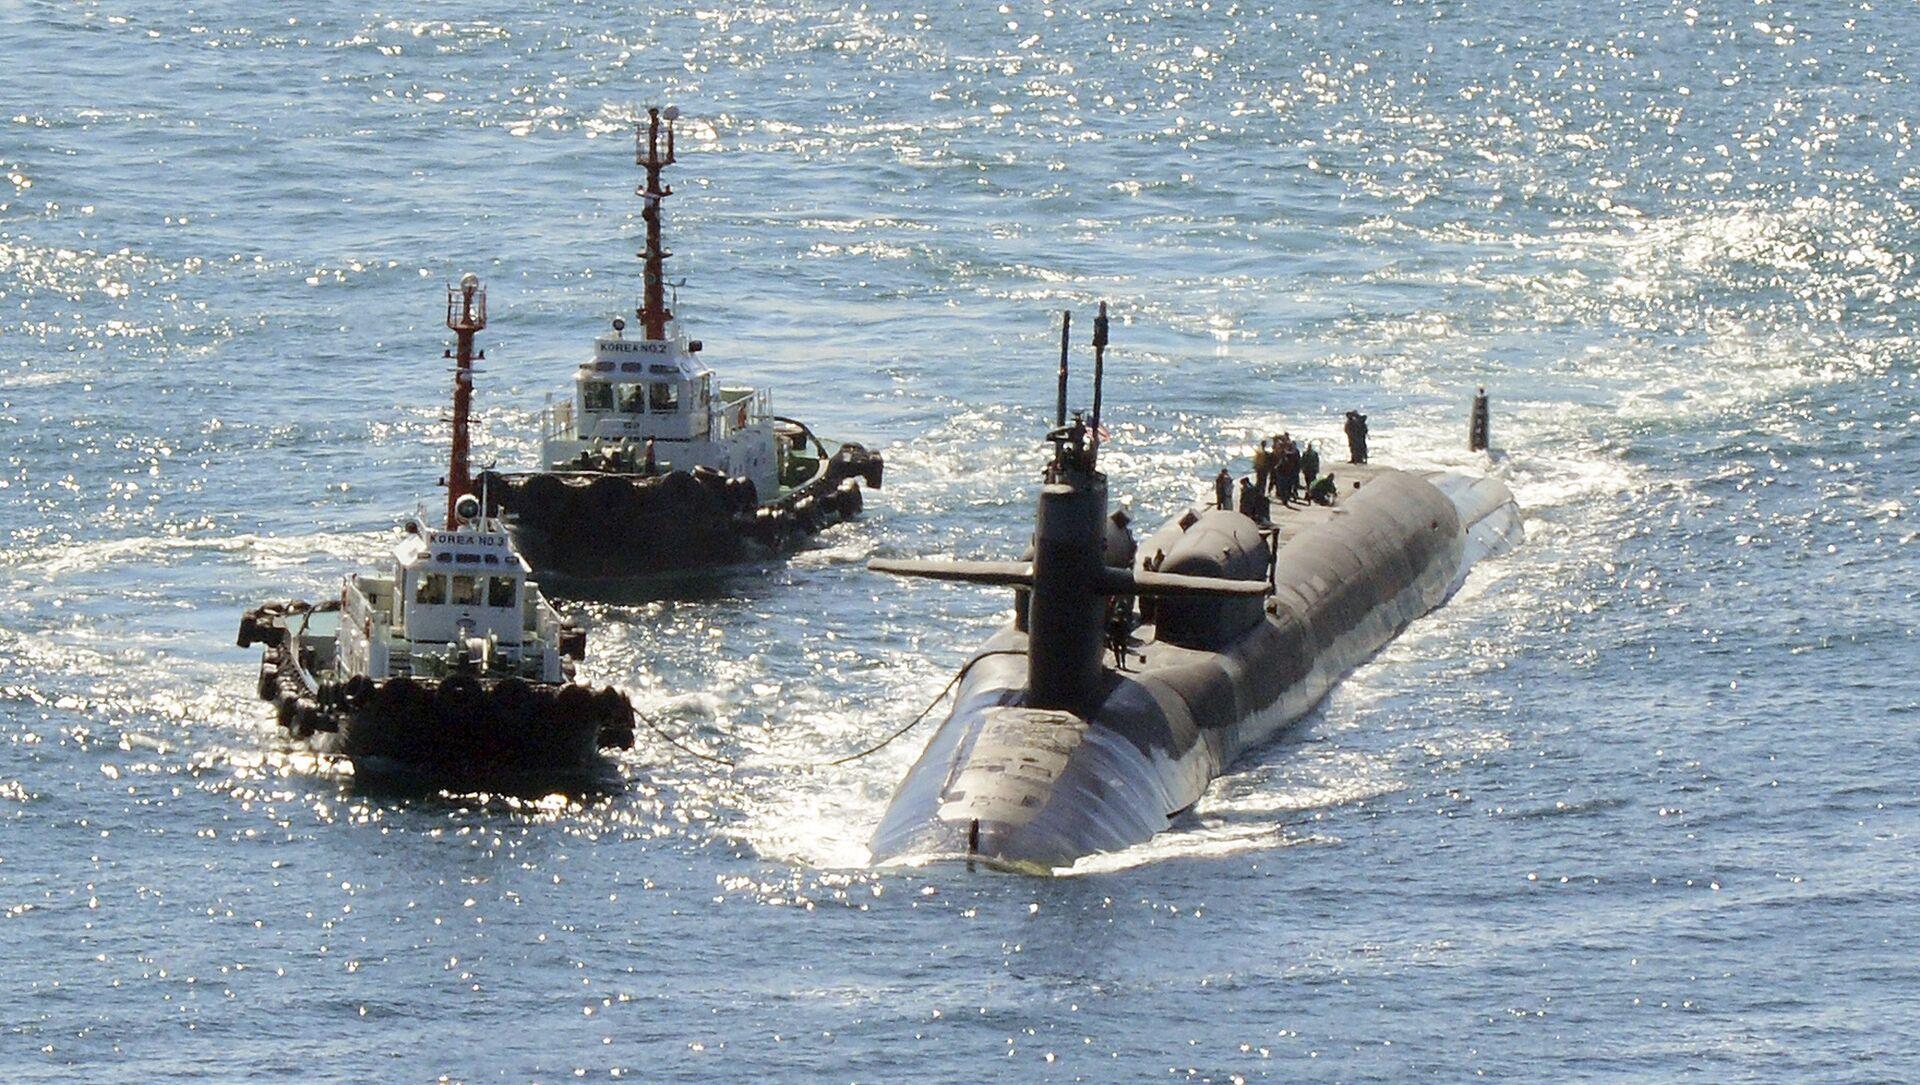 Sottomarino nucleare USS Michigan in Corea del Sud - Sputnik Italia, 1920, 13.04.2021